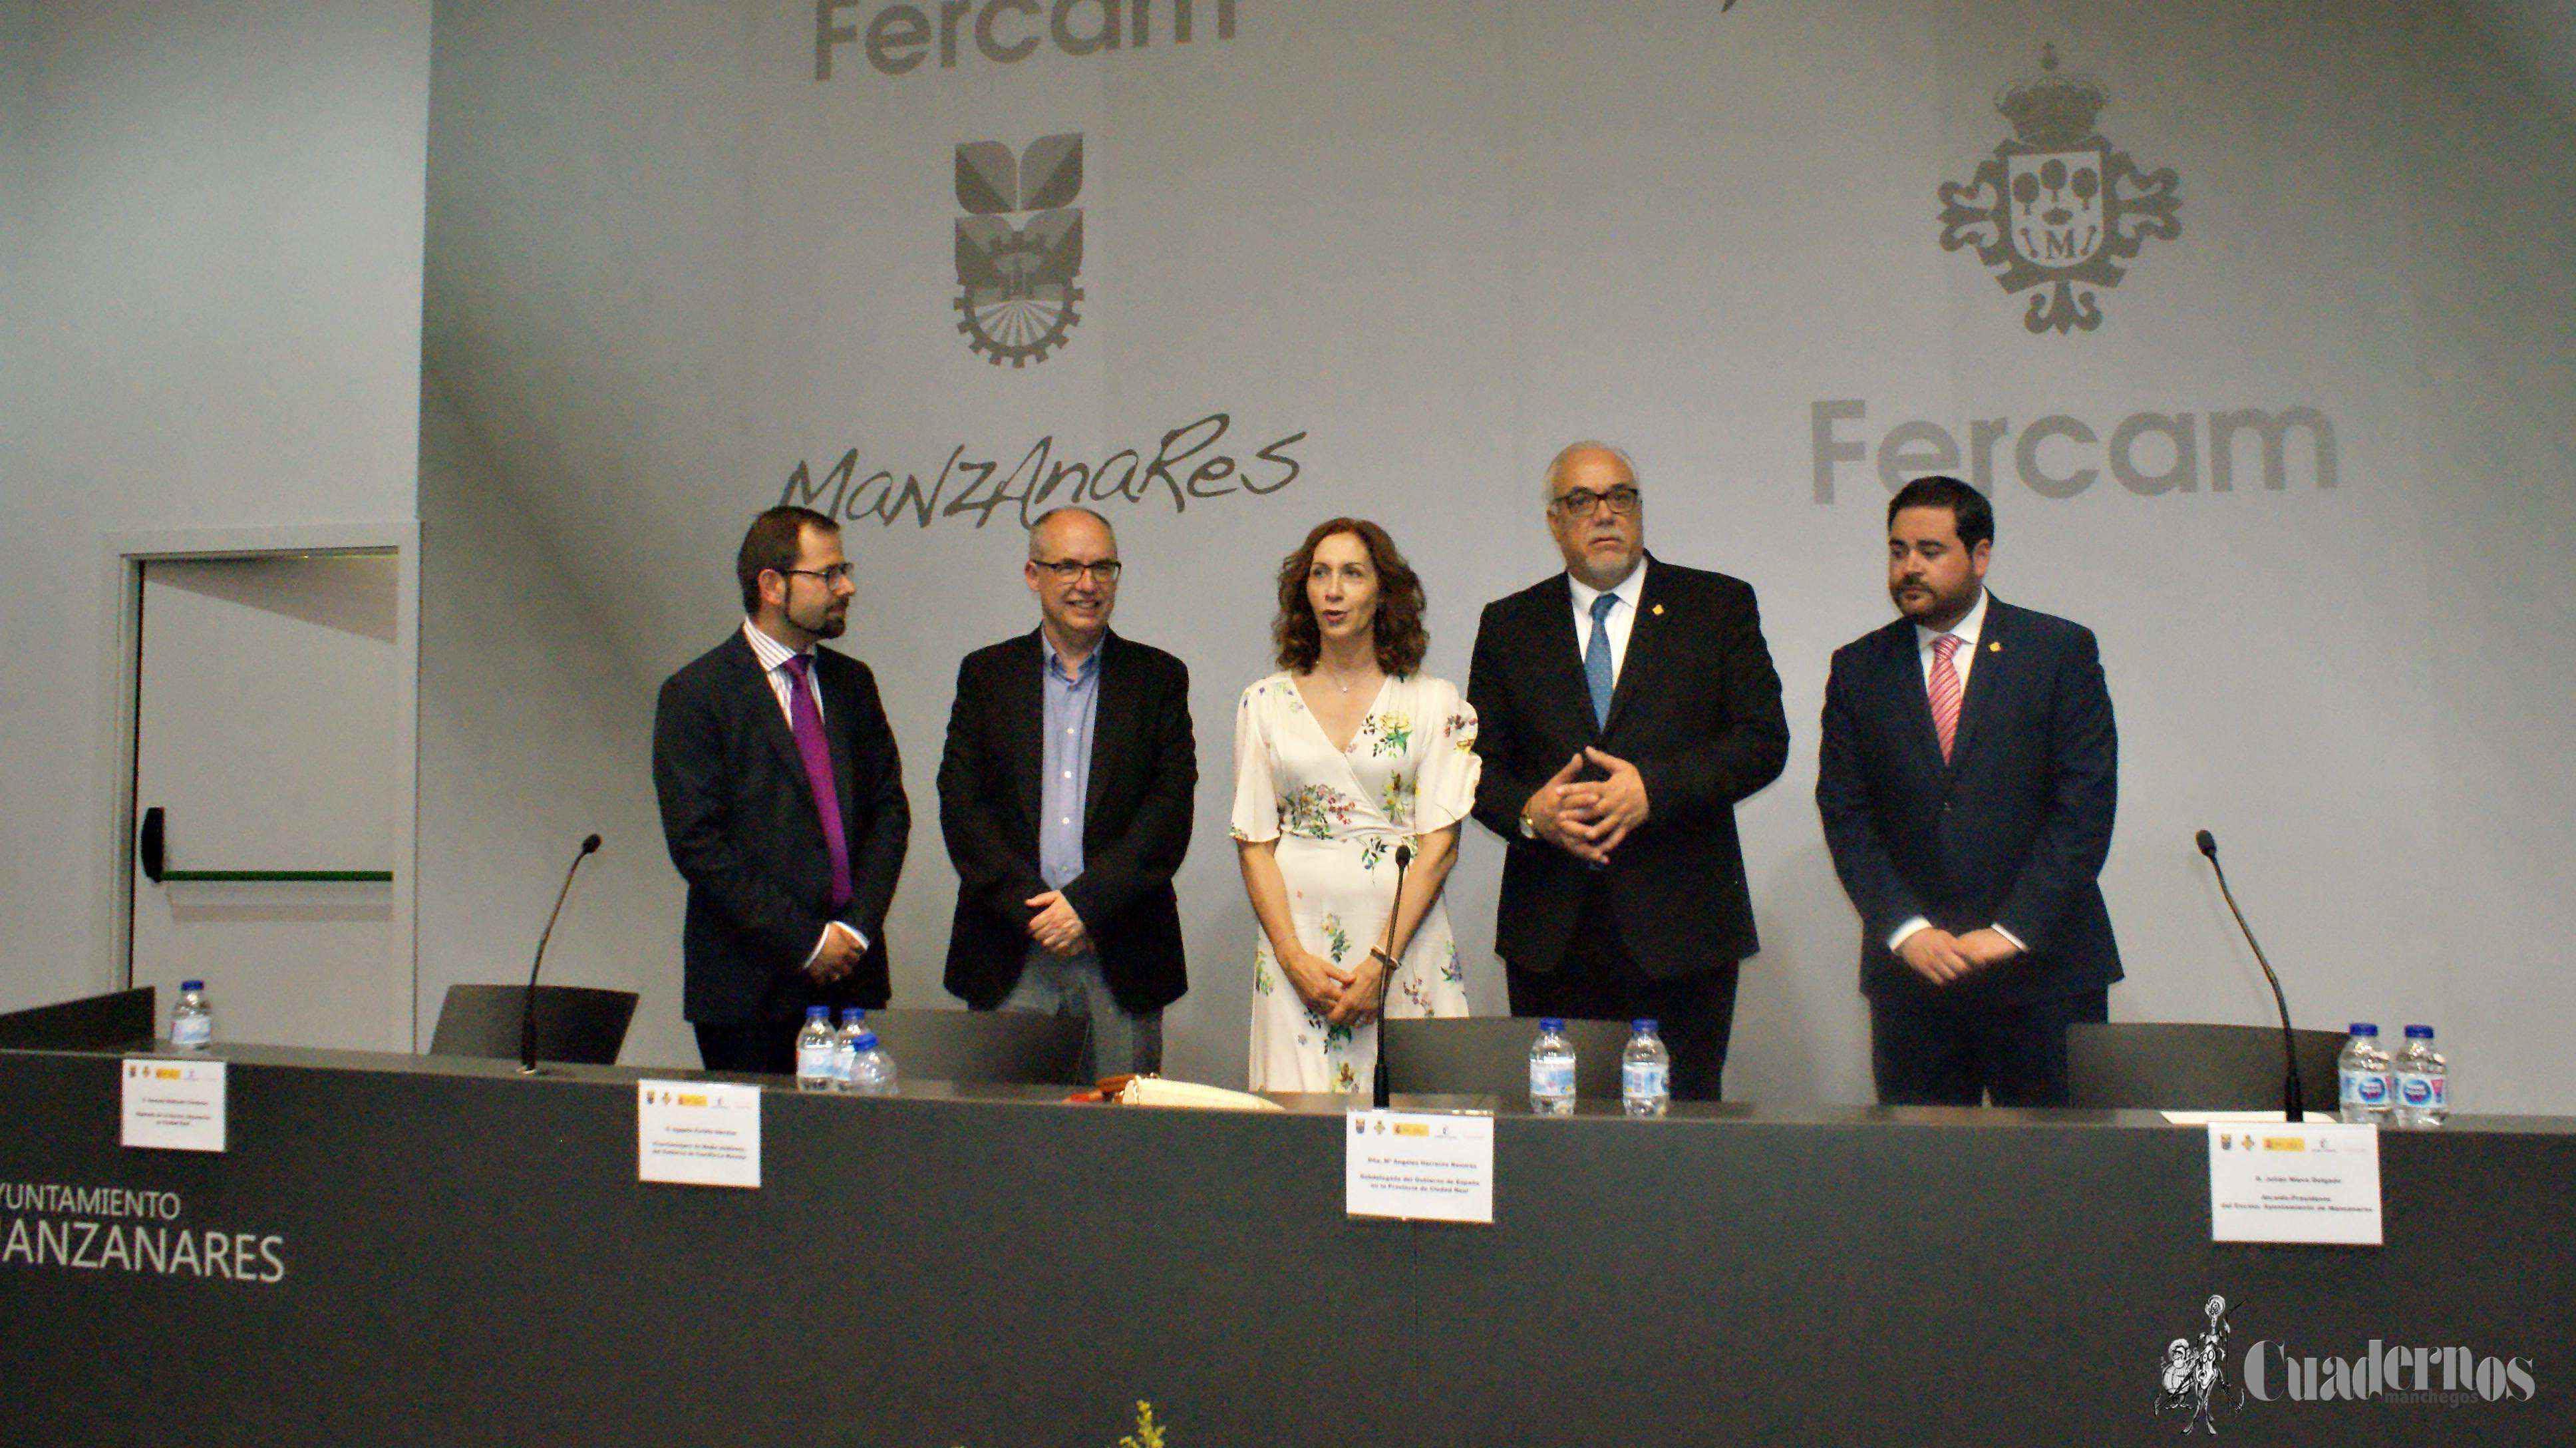 El Gobierno de España ha entendido que tiene que estar en el comité organizador de Fercam